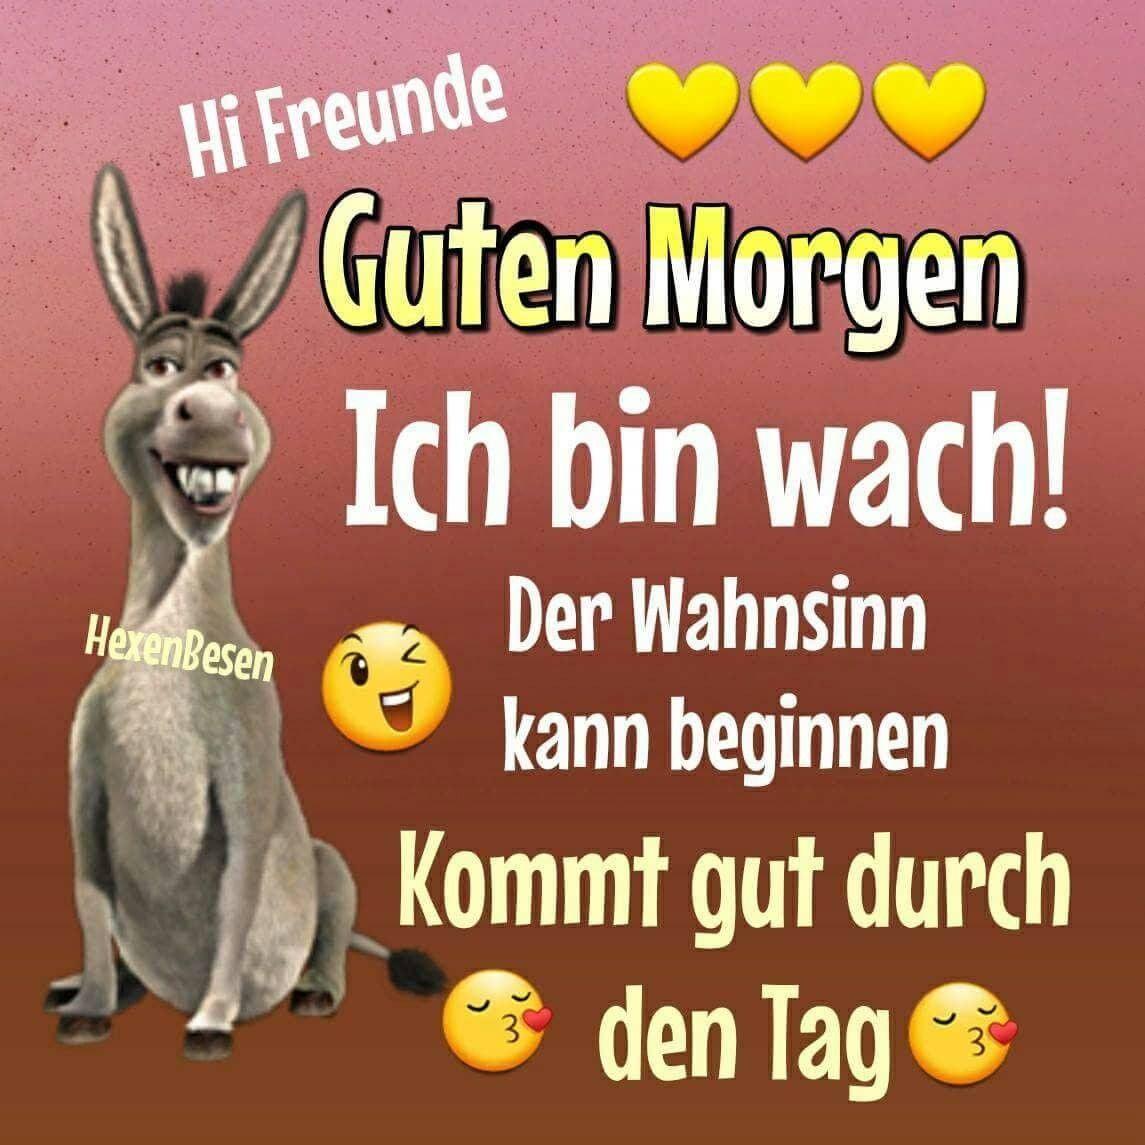 Guten morgen deutschland gewinnspiel telefonnummer - Guten morgen deutschland gewinnspiel telefonnummer